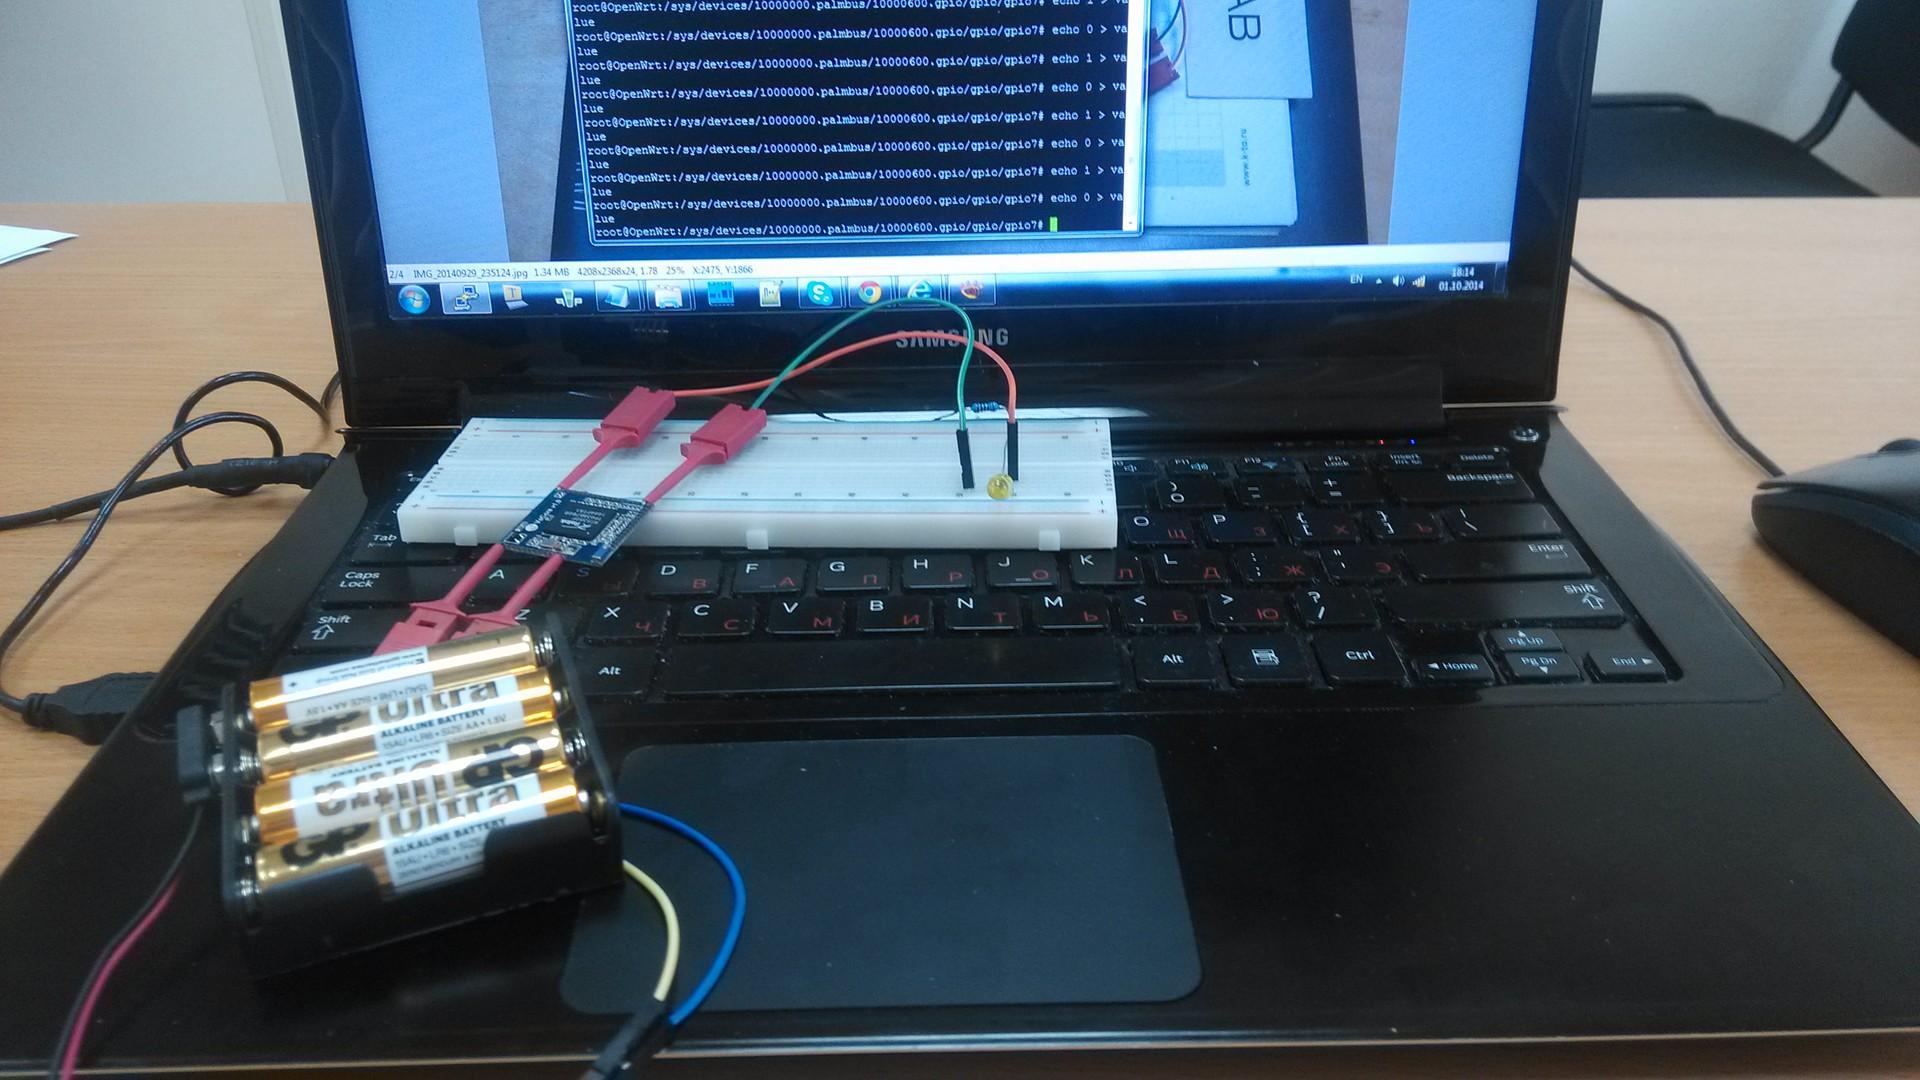 Тестируем VoCore в хакспейсе — микро компьютер с WiFi на Linux OpenWrt